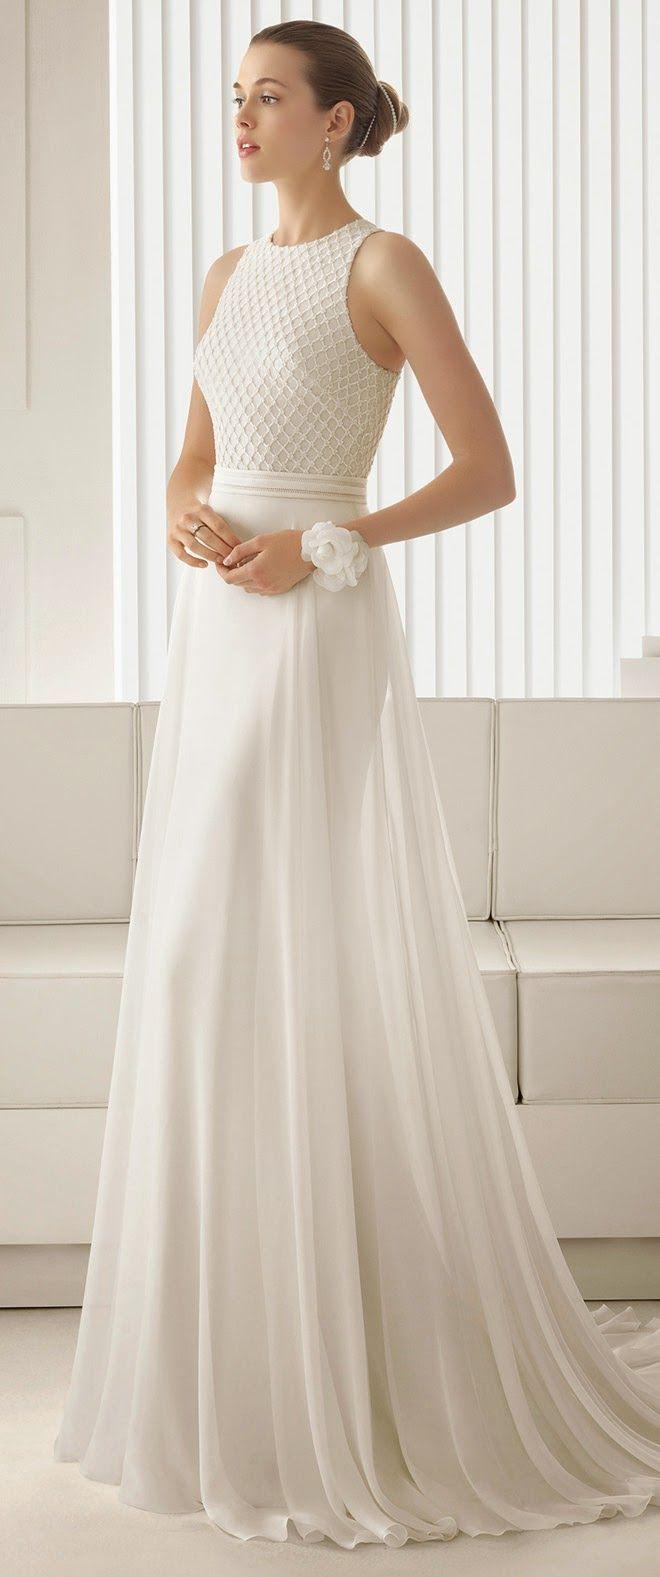 Rosa clara 2015 wedding dresses 81267g 6601577 pixeles rosa clara 2015 wedding dresses 81267g 6601577 pixeles junglespirit Images